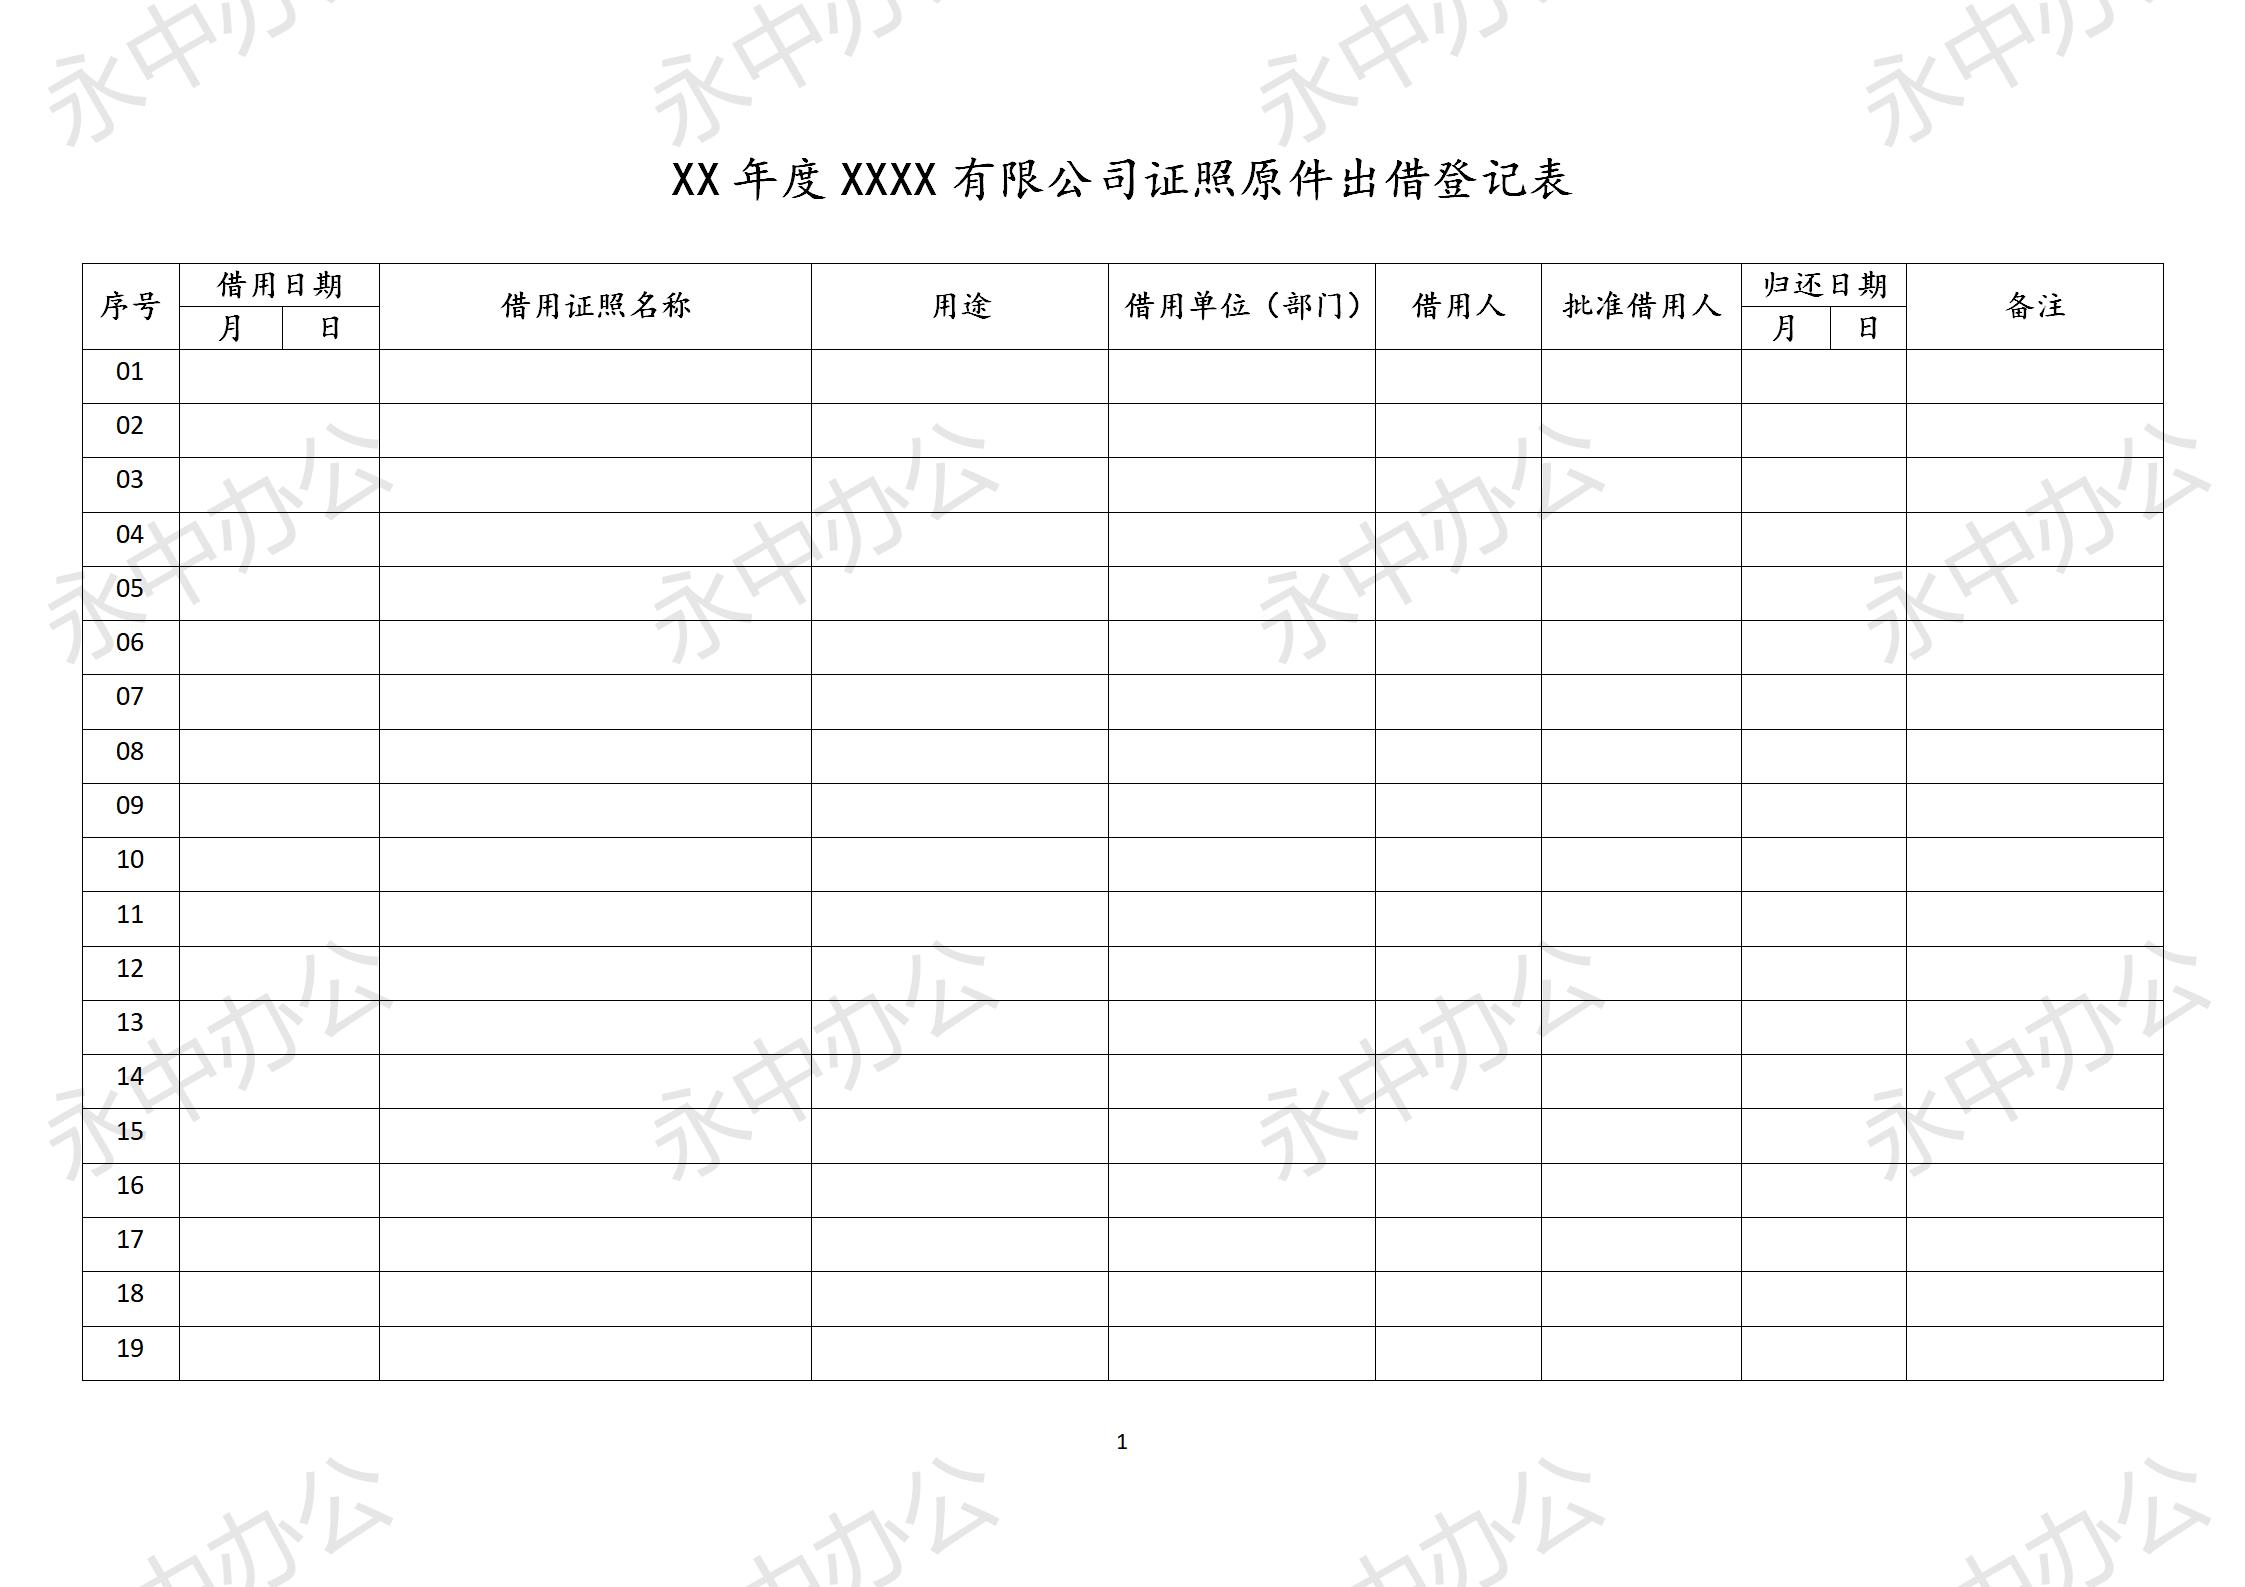 公司证照原件出借登记表